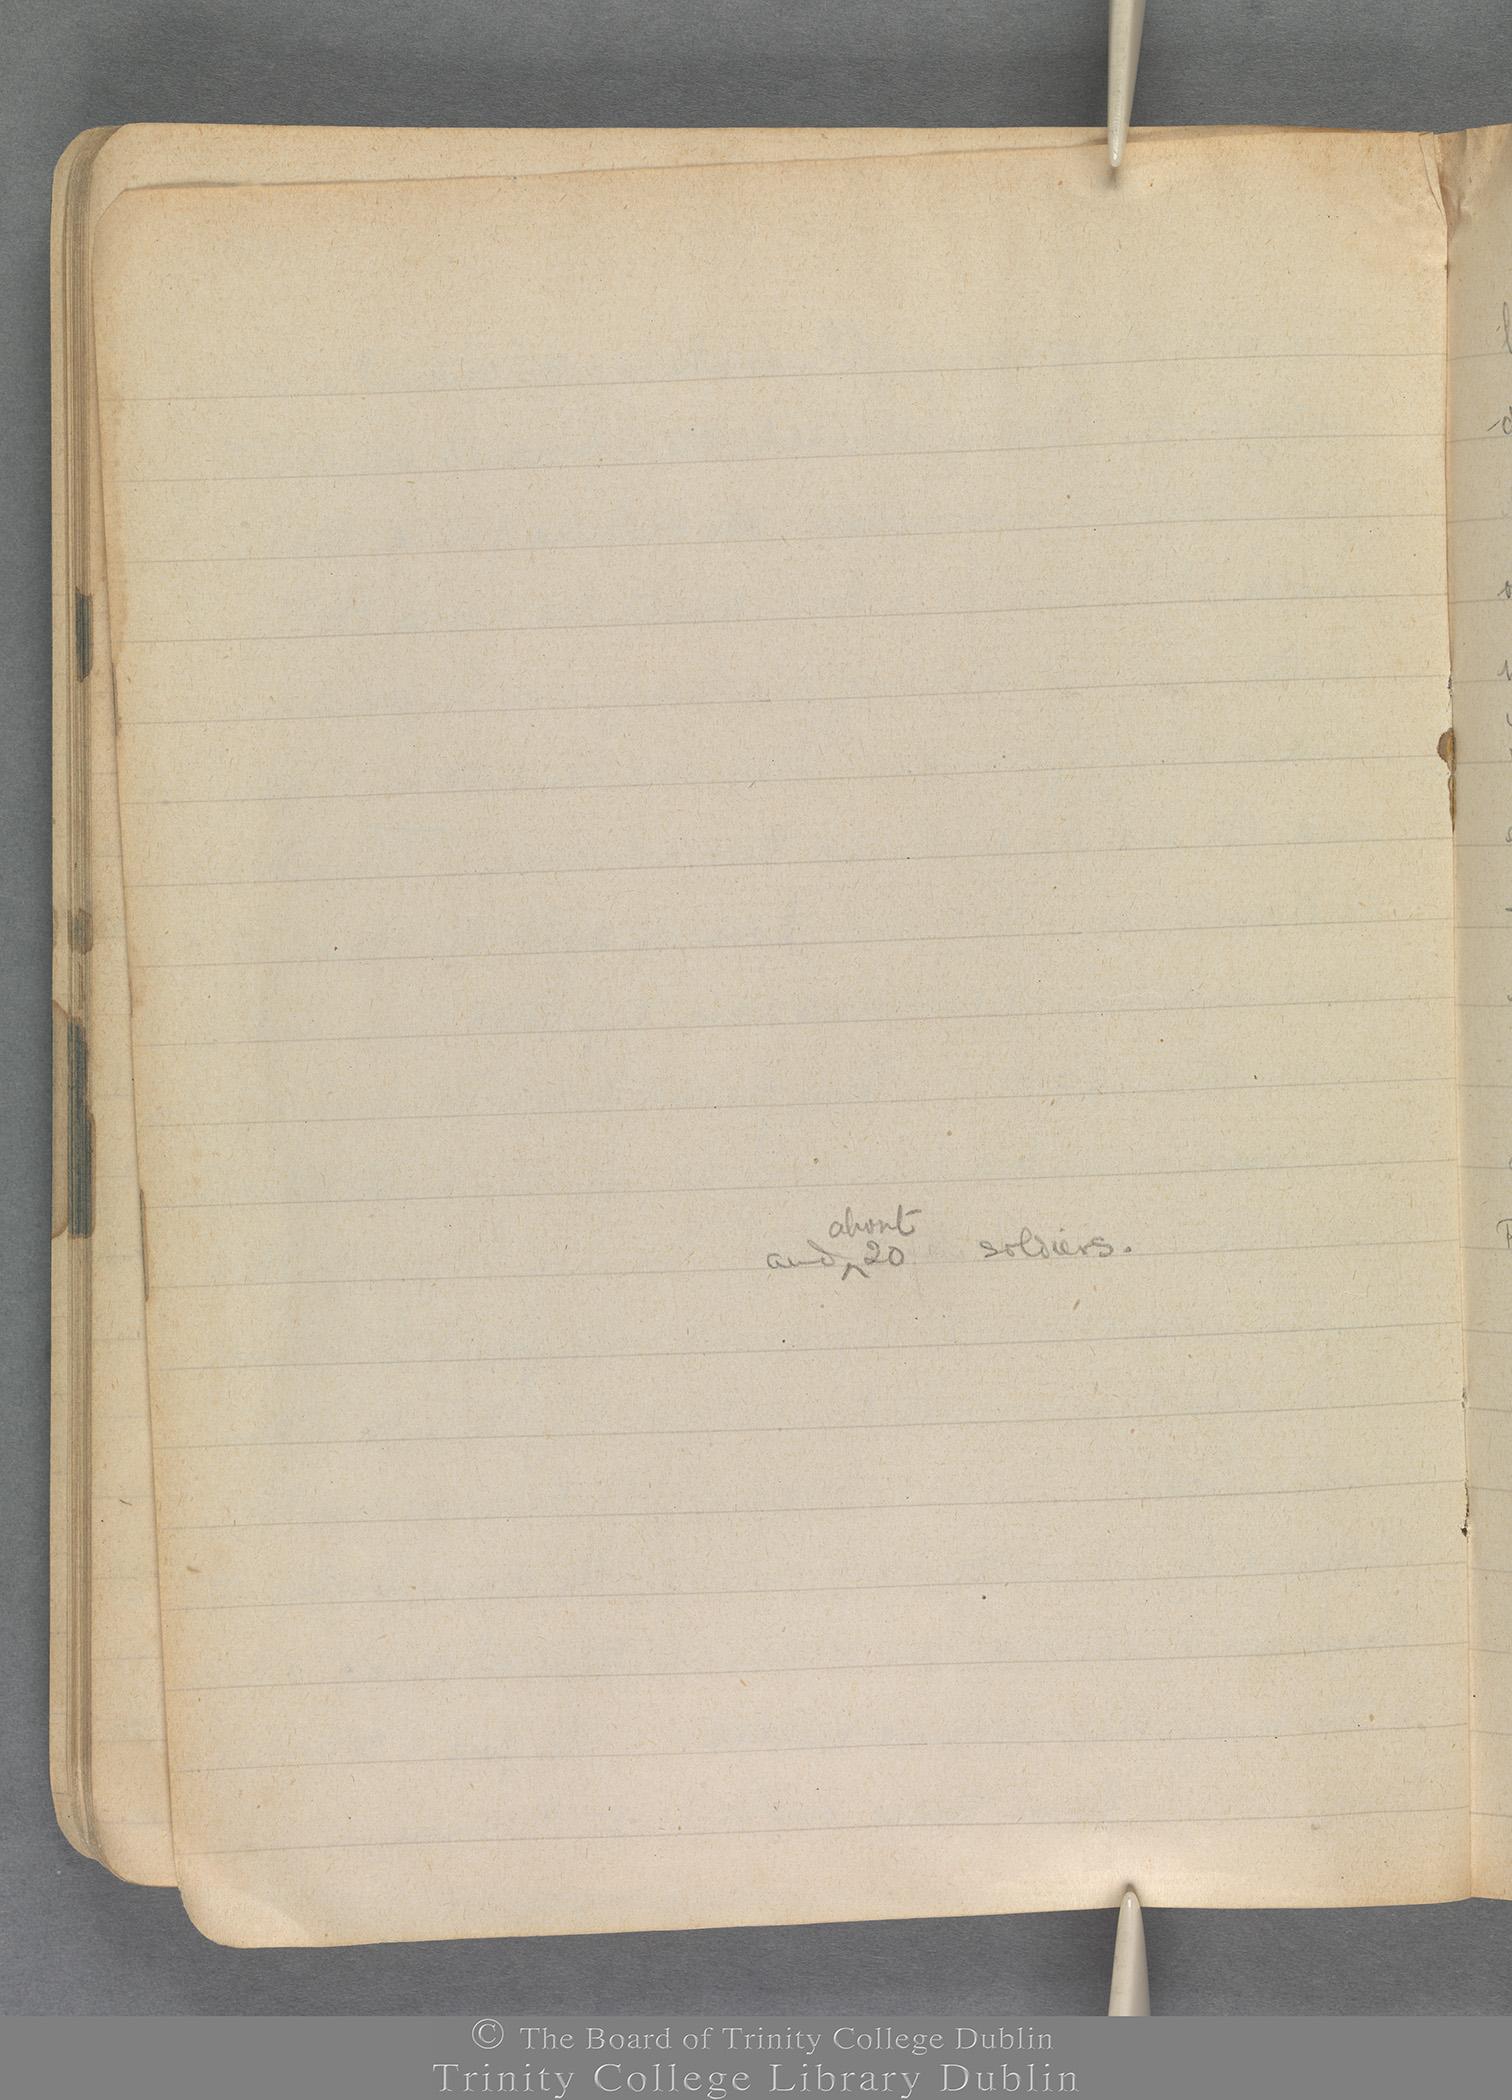 TCD MS 3414 folio 25 verso